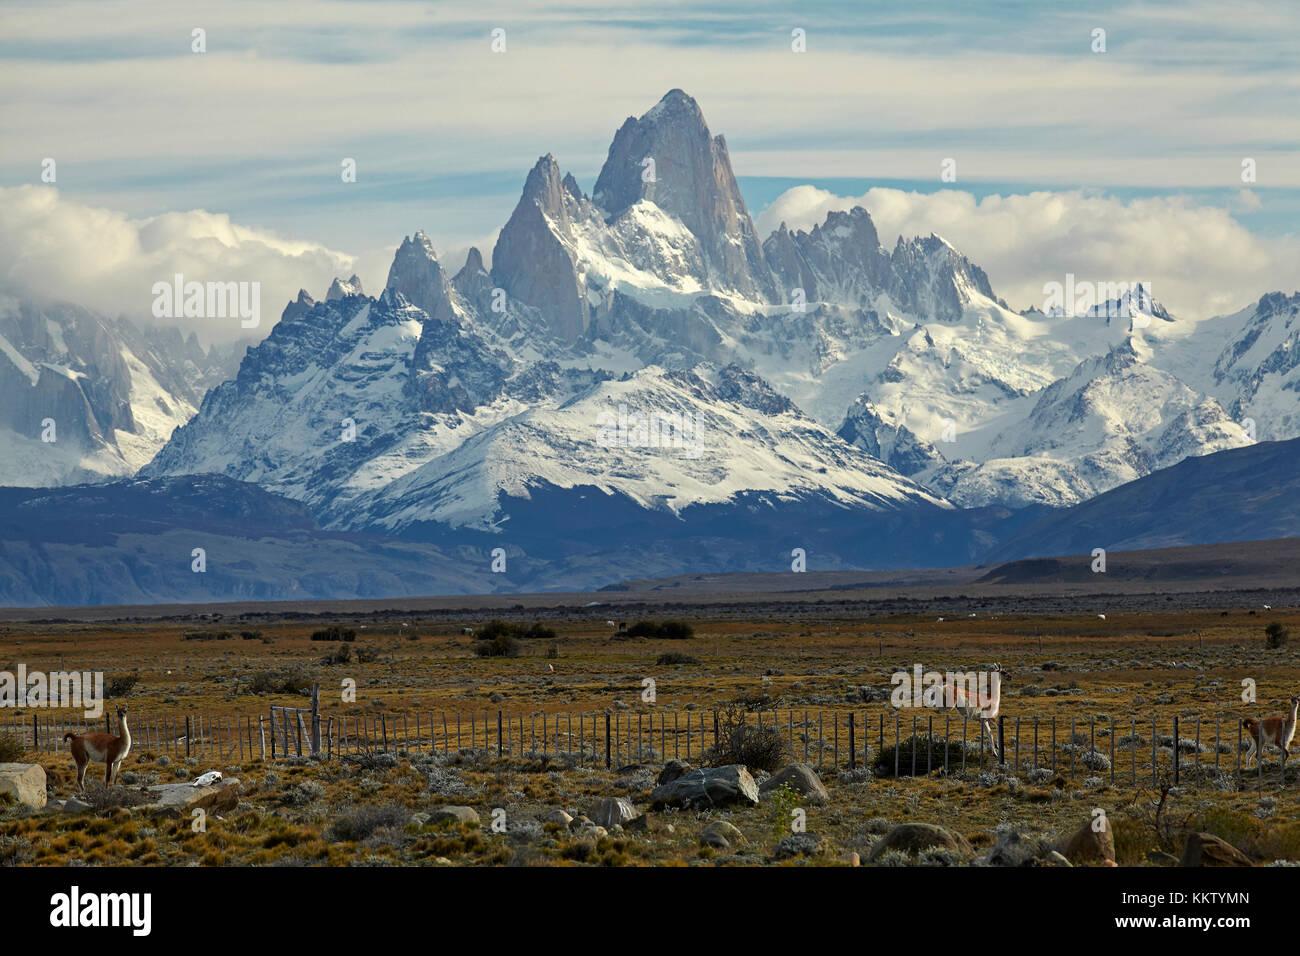 Monte Fitz Roy, Parque Nacional los Glaciares (Patrimonio de la Humanidad), y guanacos salto cerca, Patagonia, Argentina, Sudamérica Foto de stock